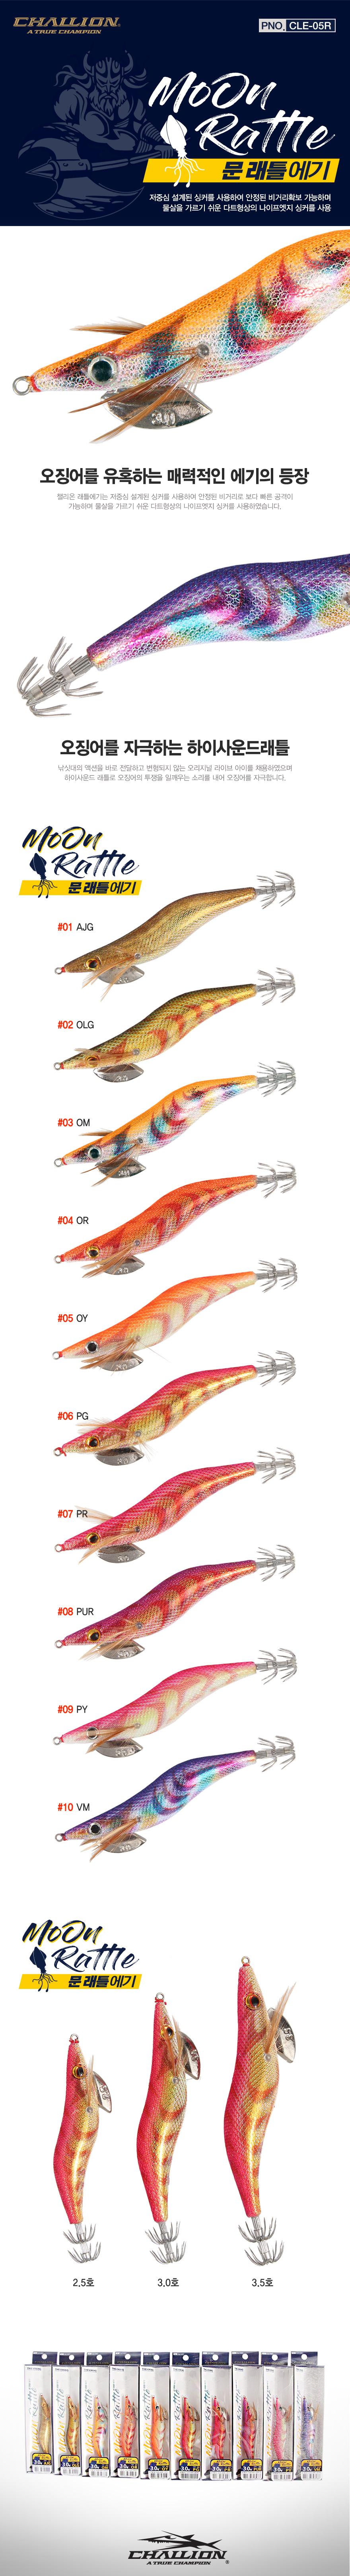 챌리온 문 래틀에기 2.5호 (CLE-05R) 오징어루어 무늬오징어 에깅 에기 레틀에기